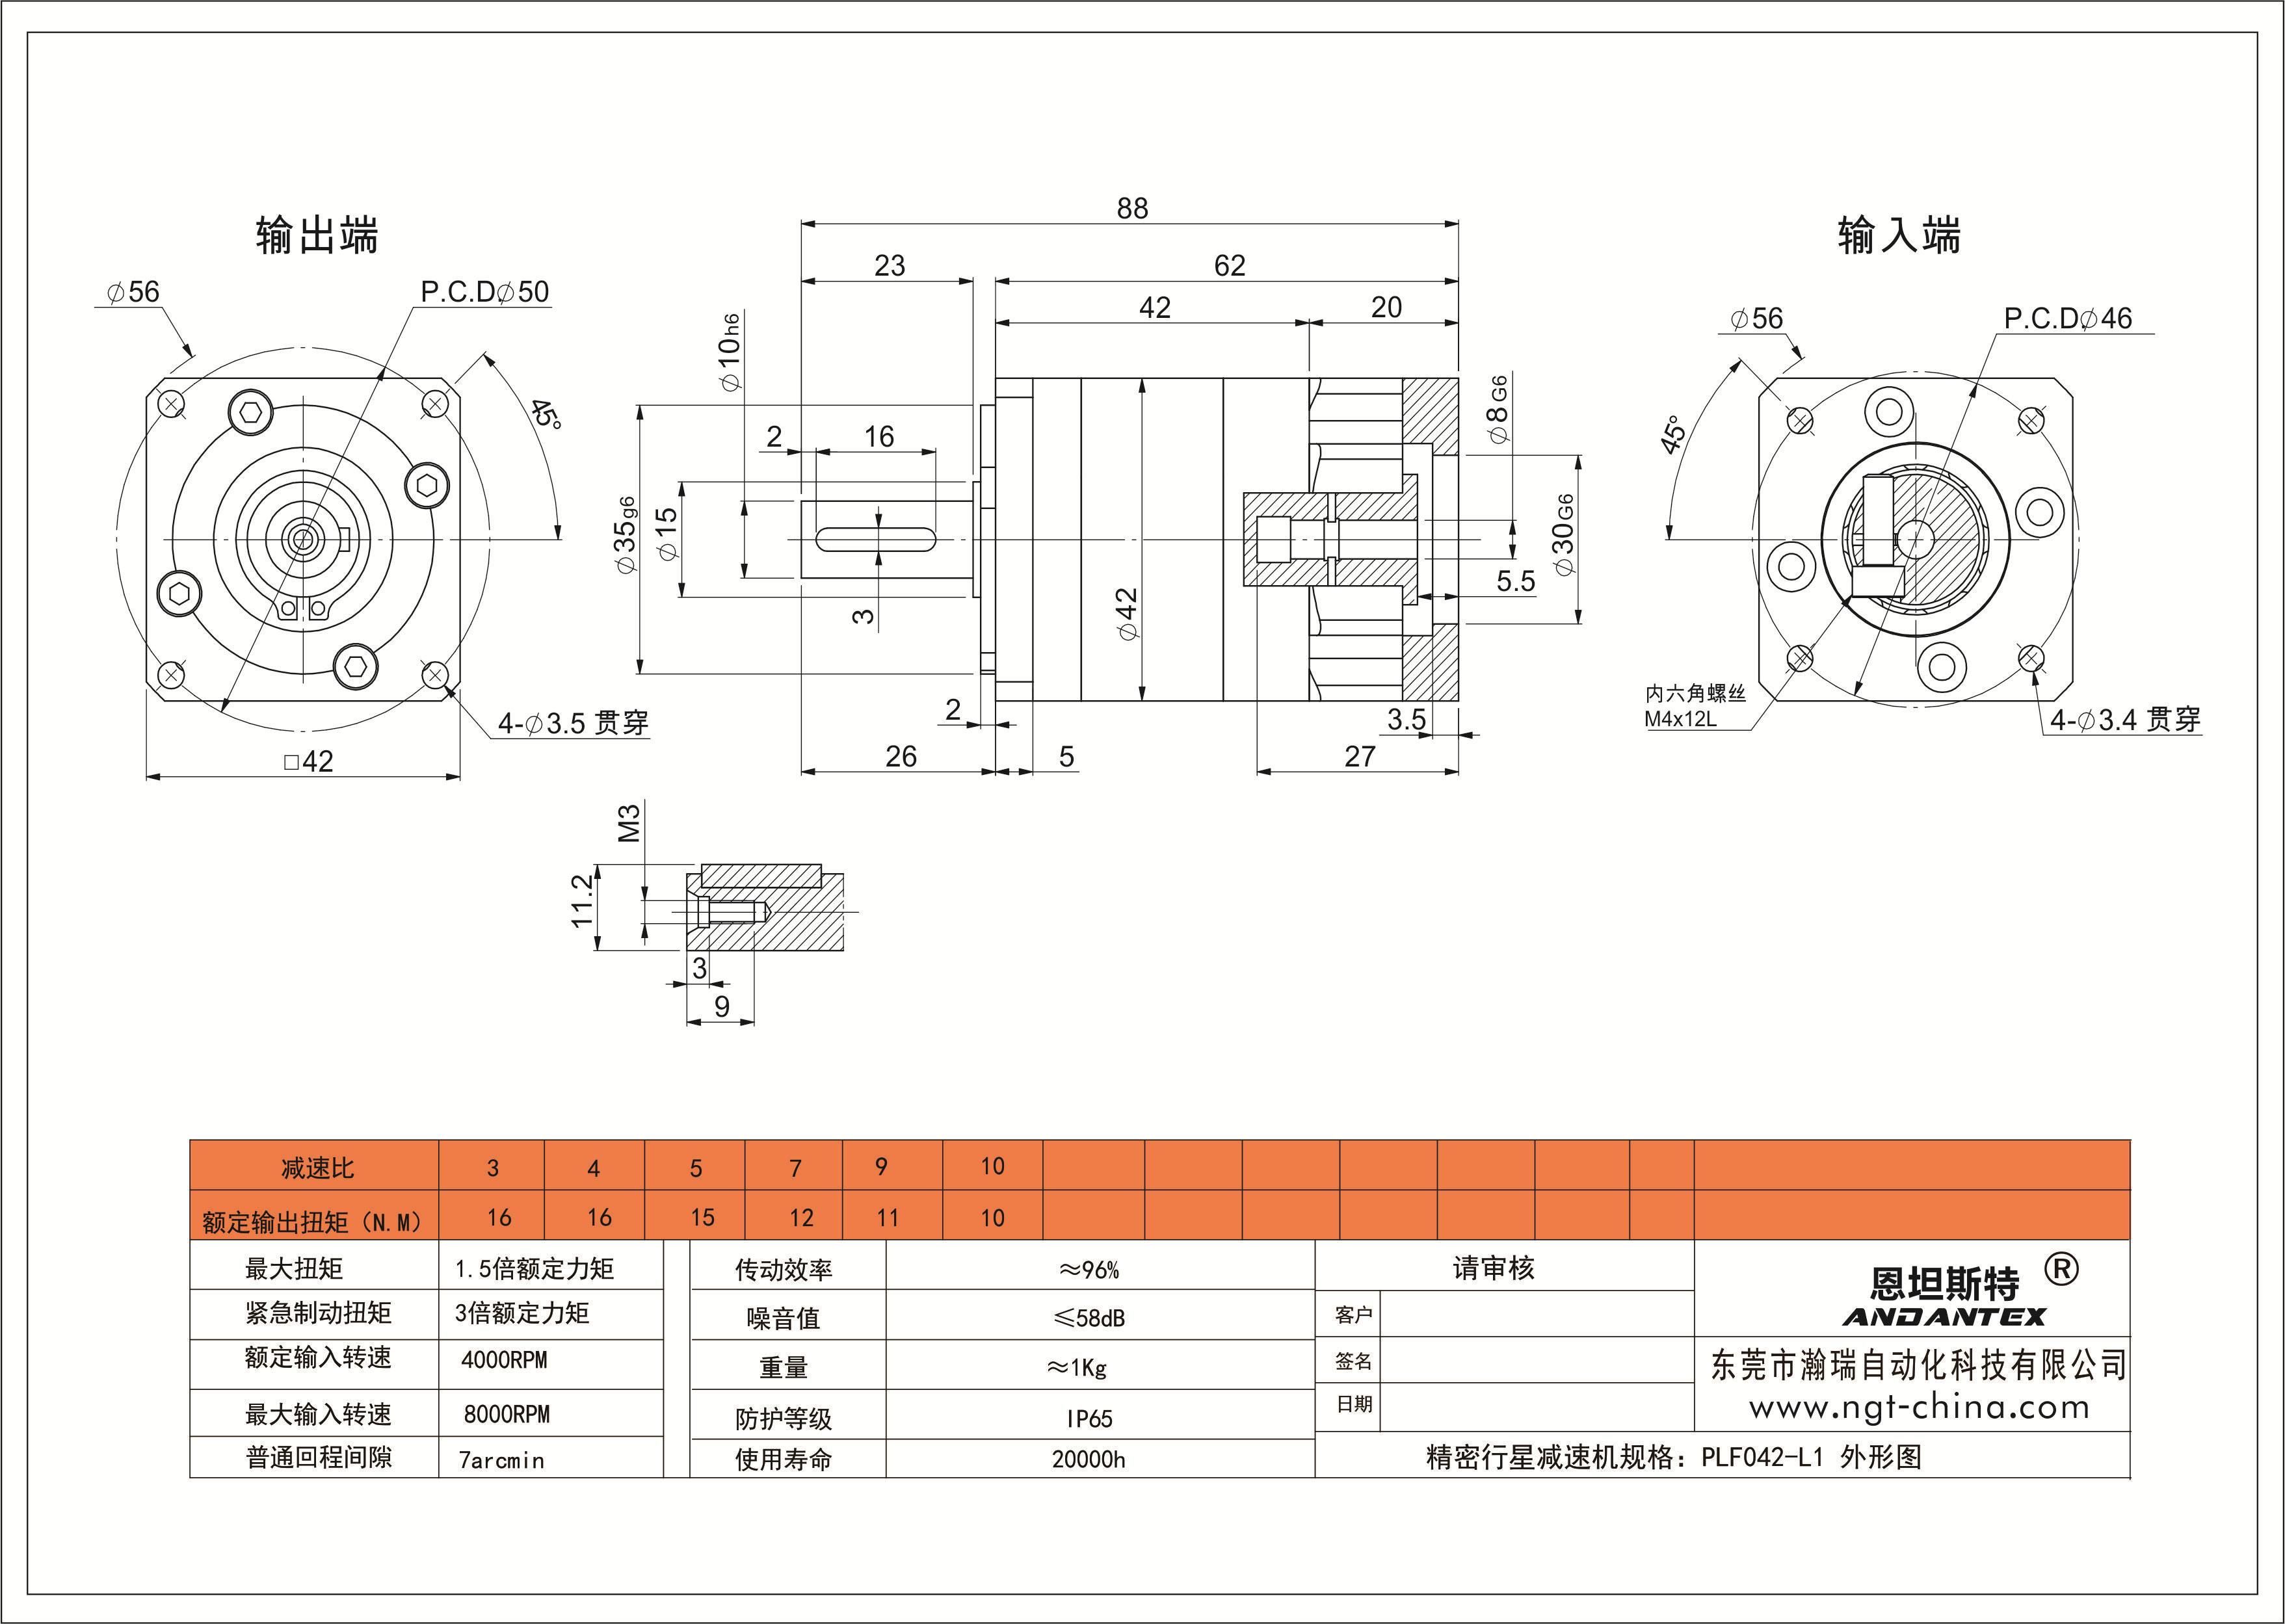 精密行星减速机PLF060-L1图纸